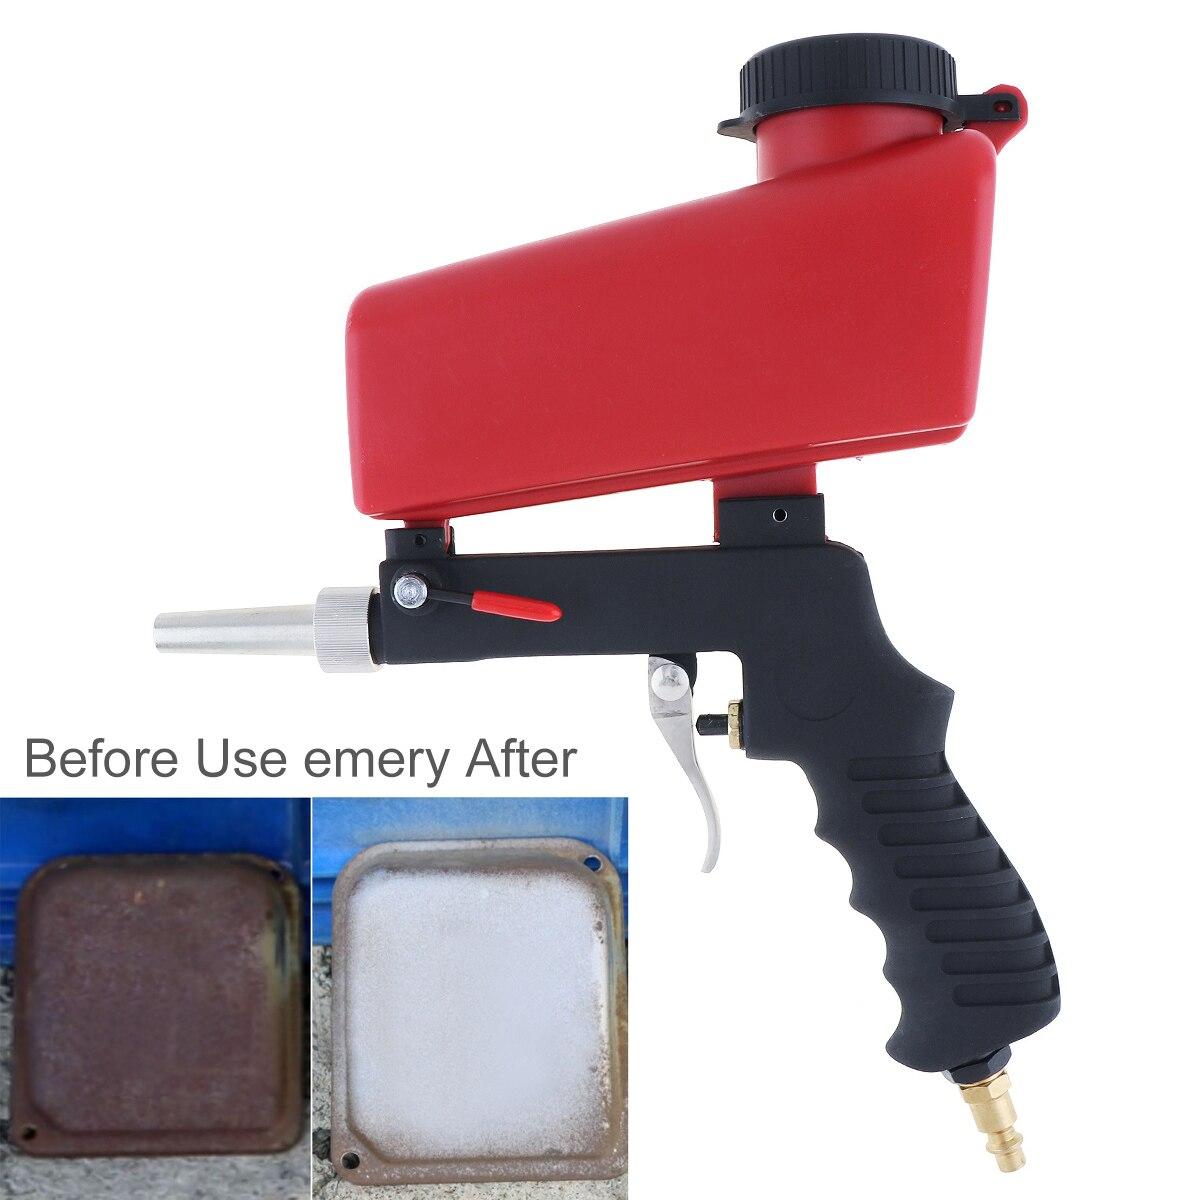 Mão portátil Held Pneumática Pistola de Jateamento de Areia Jateamento Pote com Interruptor de Ajuste de Fluxo Superior e 1/4